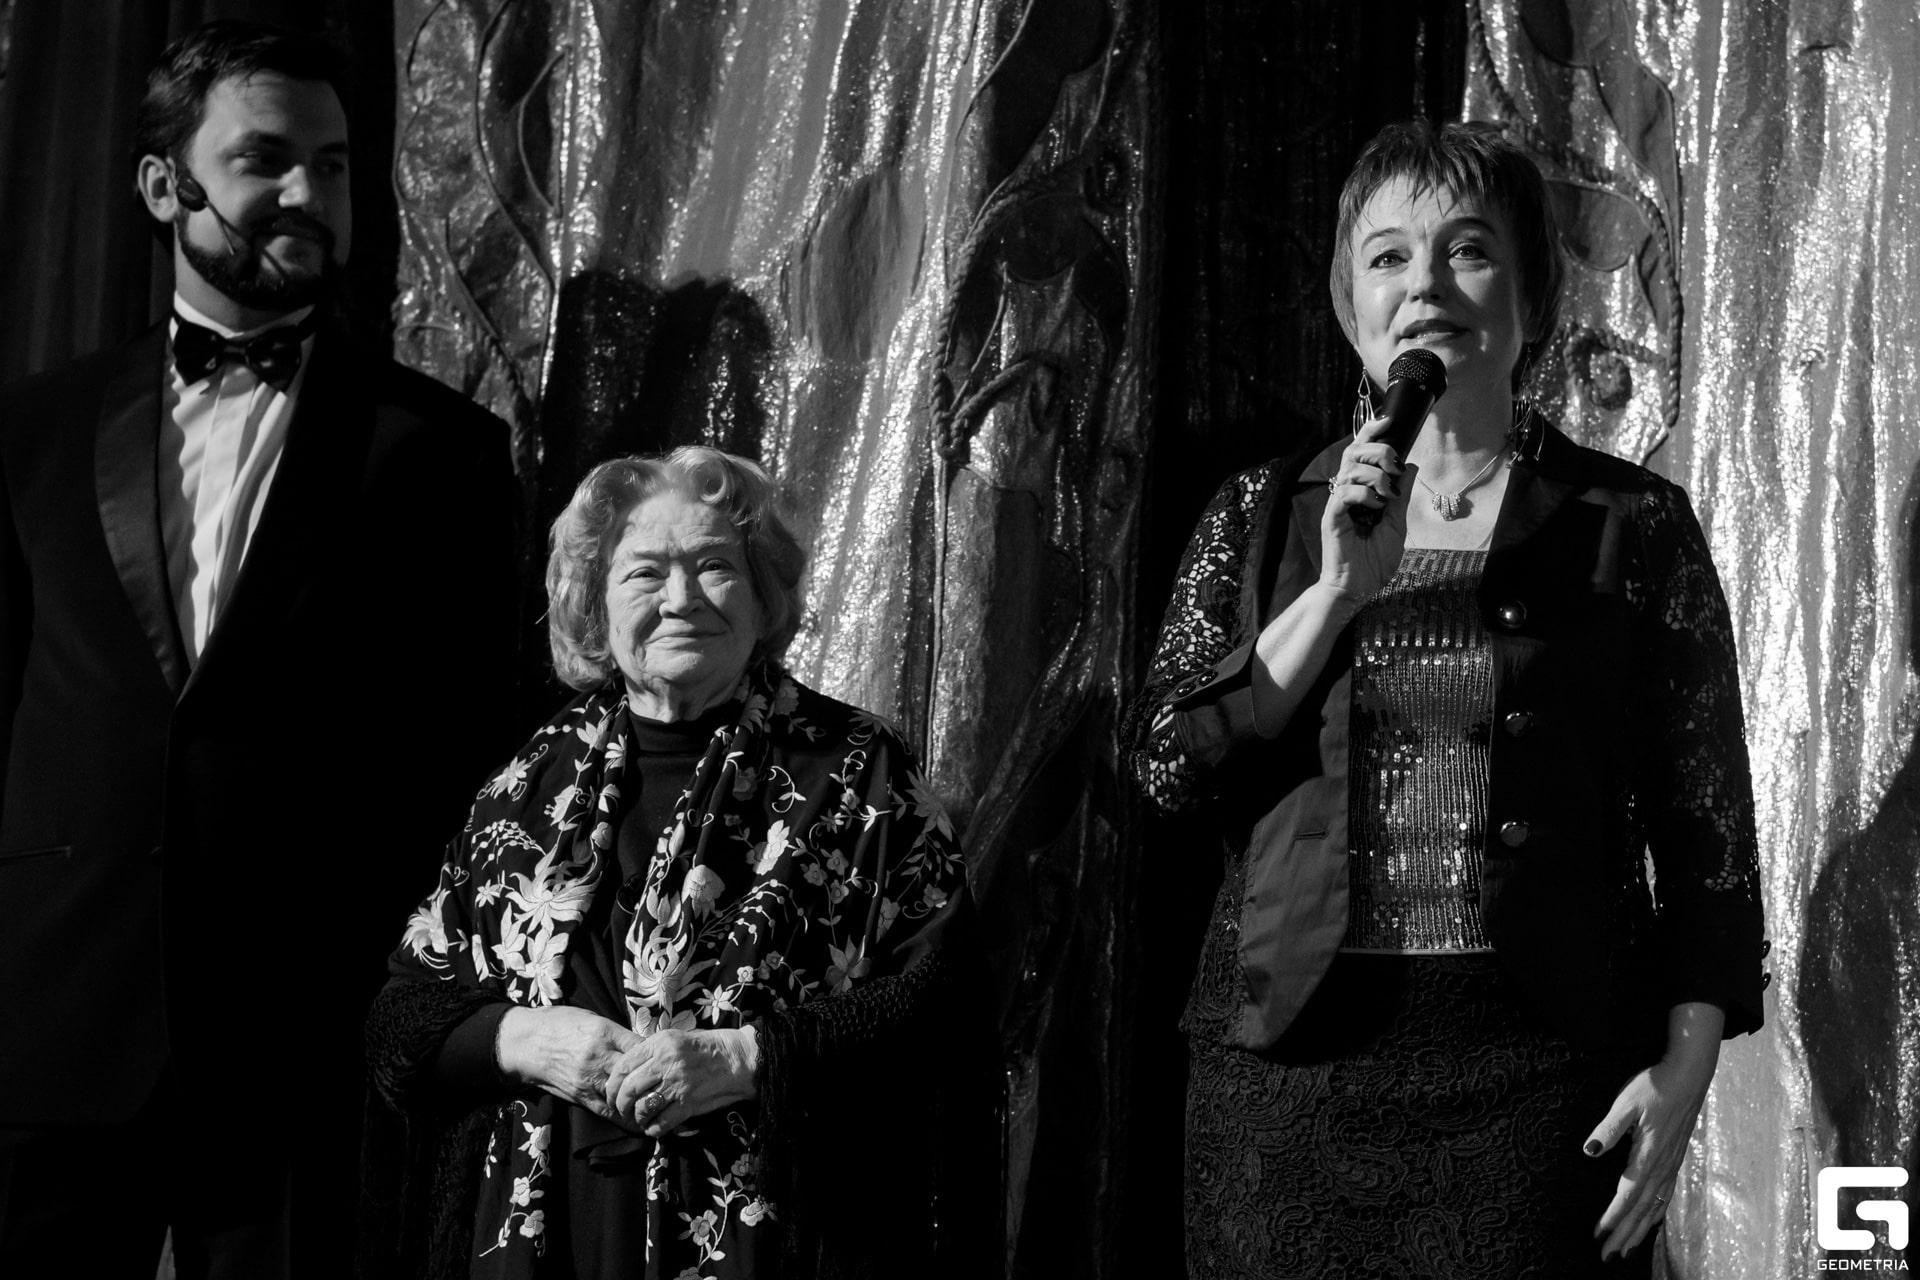 Директор Тверского академического театра драмы Светлана Вержбицкая: Трудно осознать значимость этой потери